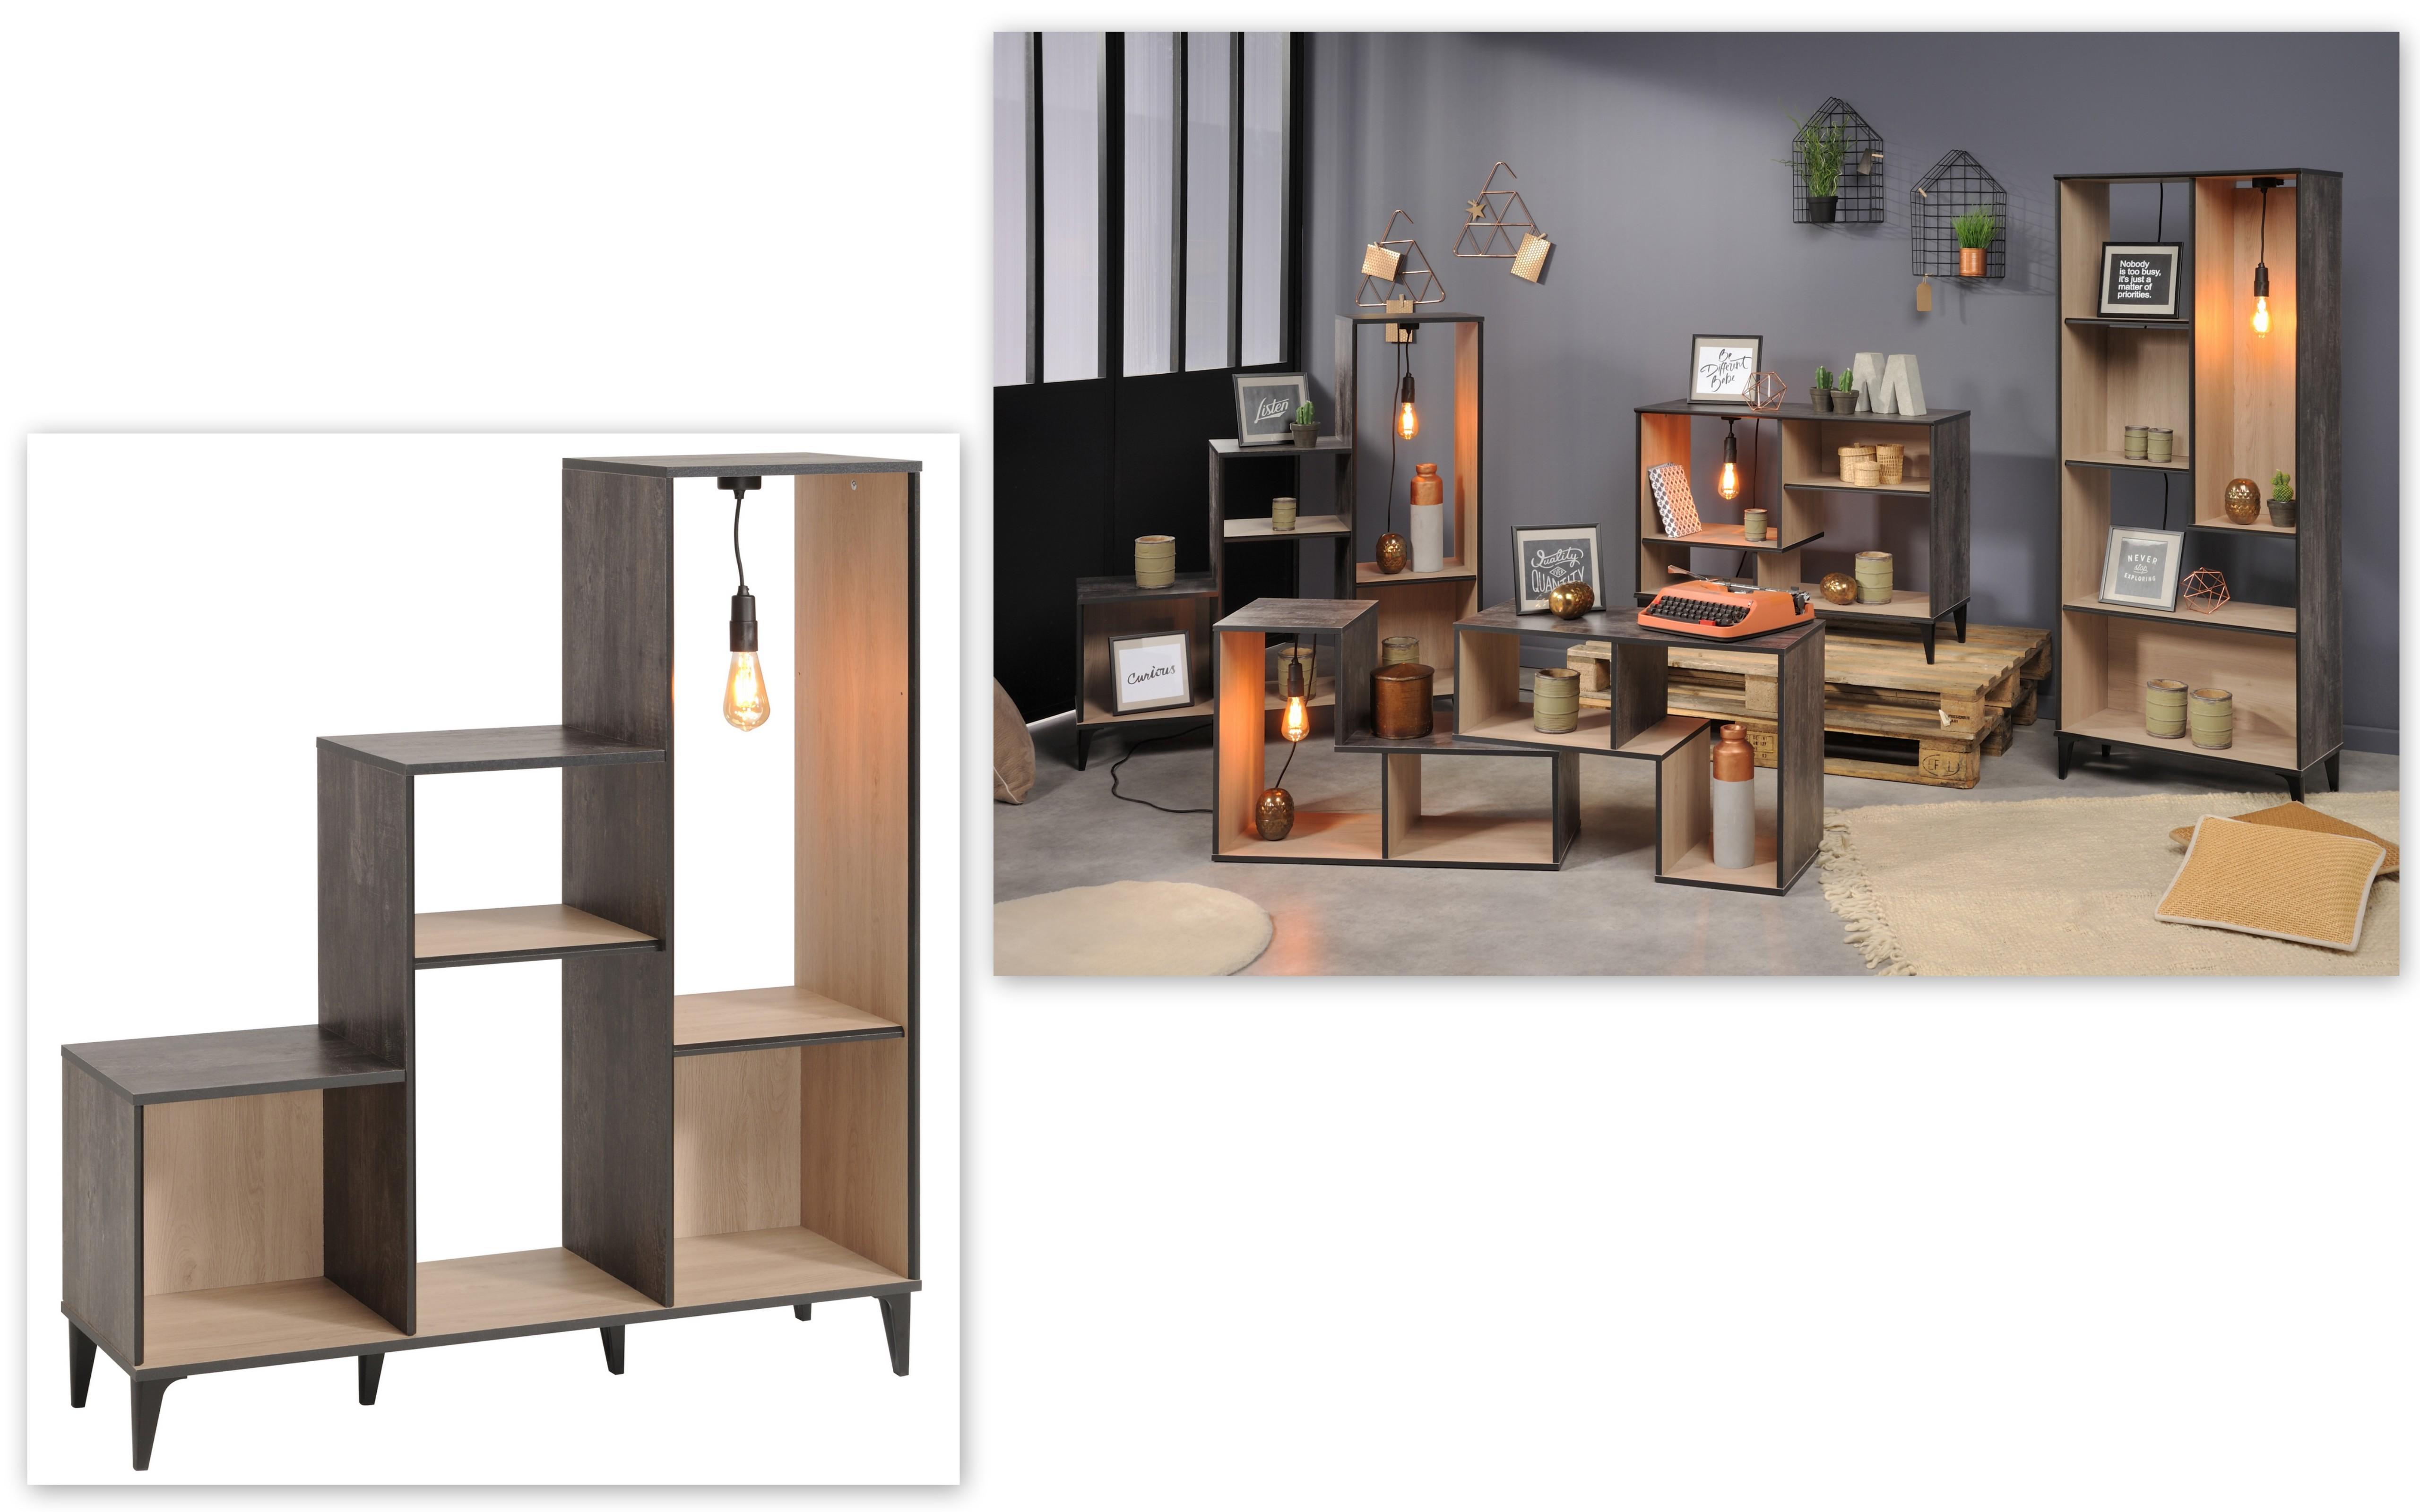 regal inkl beleuchtung im vintage look edison 6 von parisot brooklyn eiche gebrannte kiefer. Black Bedroom Furniture Sets. Home Design Ideas